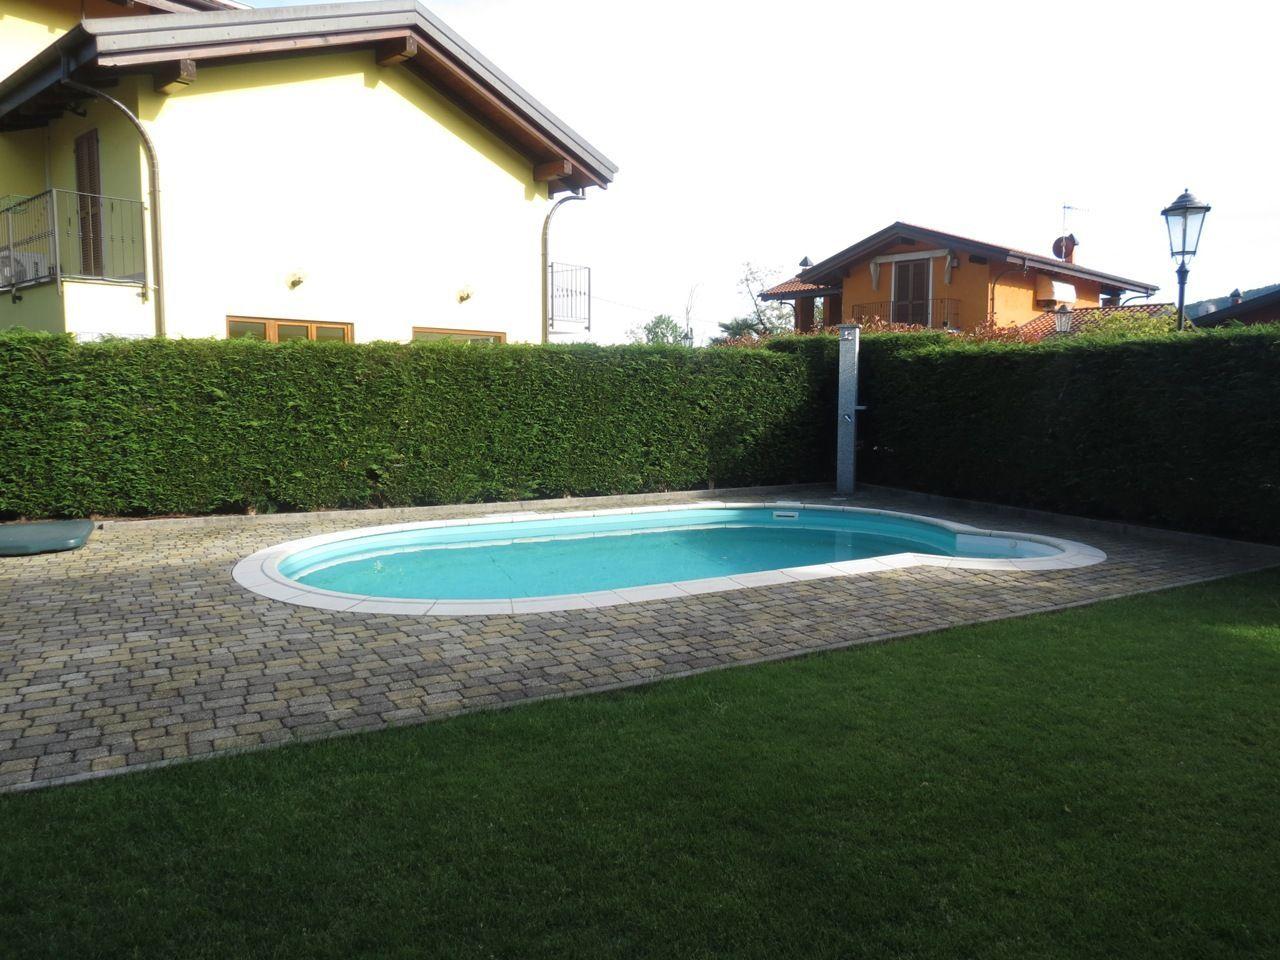 Cambiasca villa moderna 220mq con piscina - Villa moderna con piscina ...